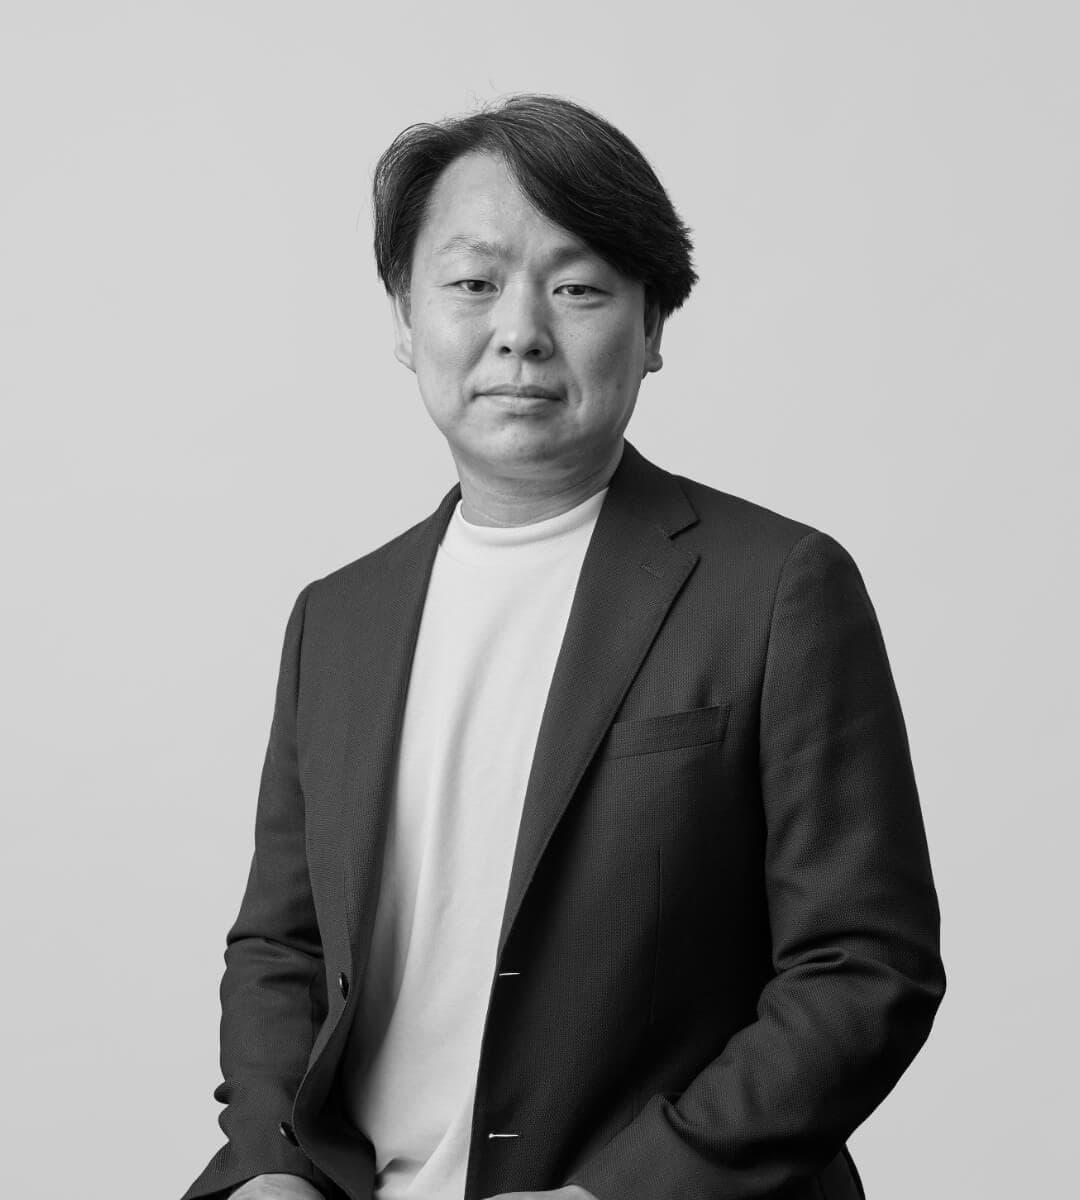 執行役員角藤 靖之